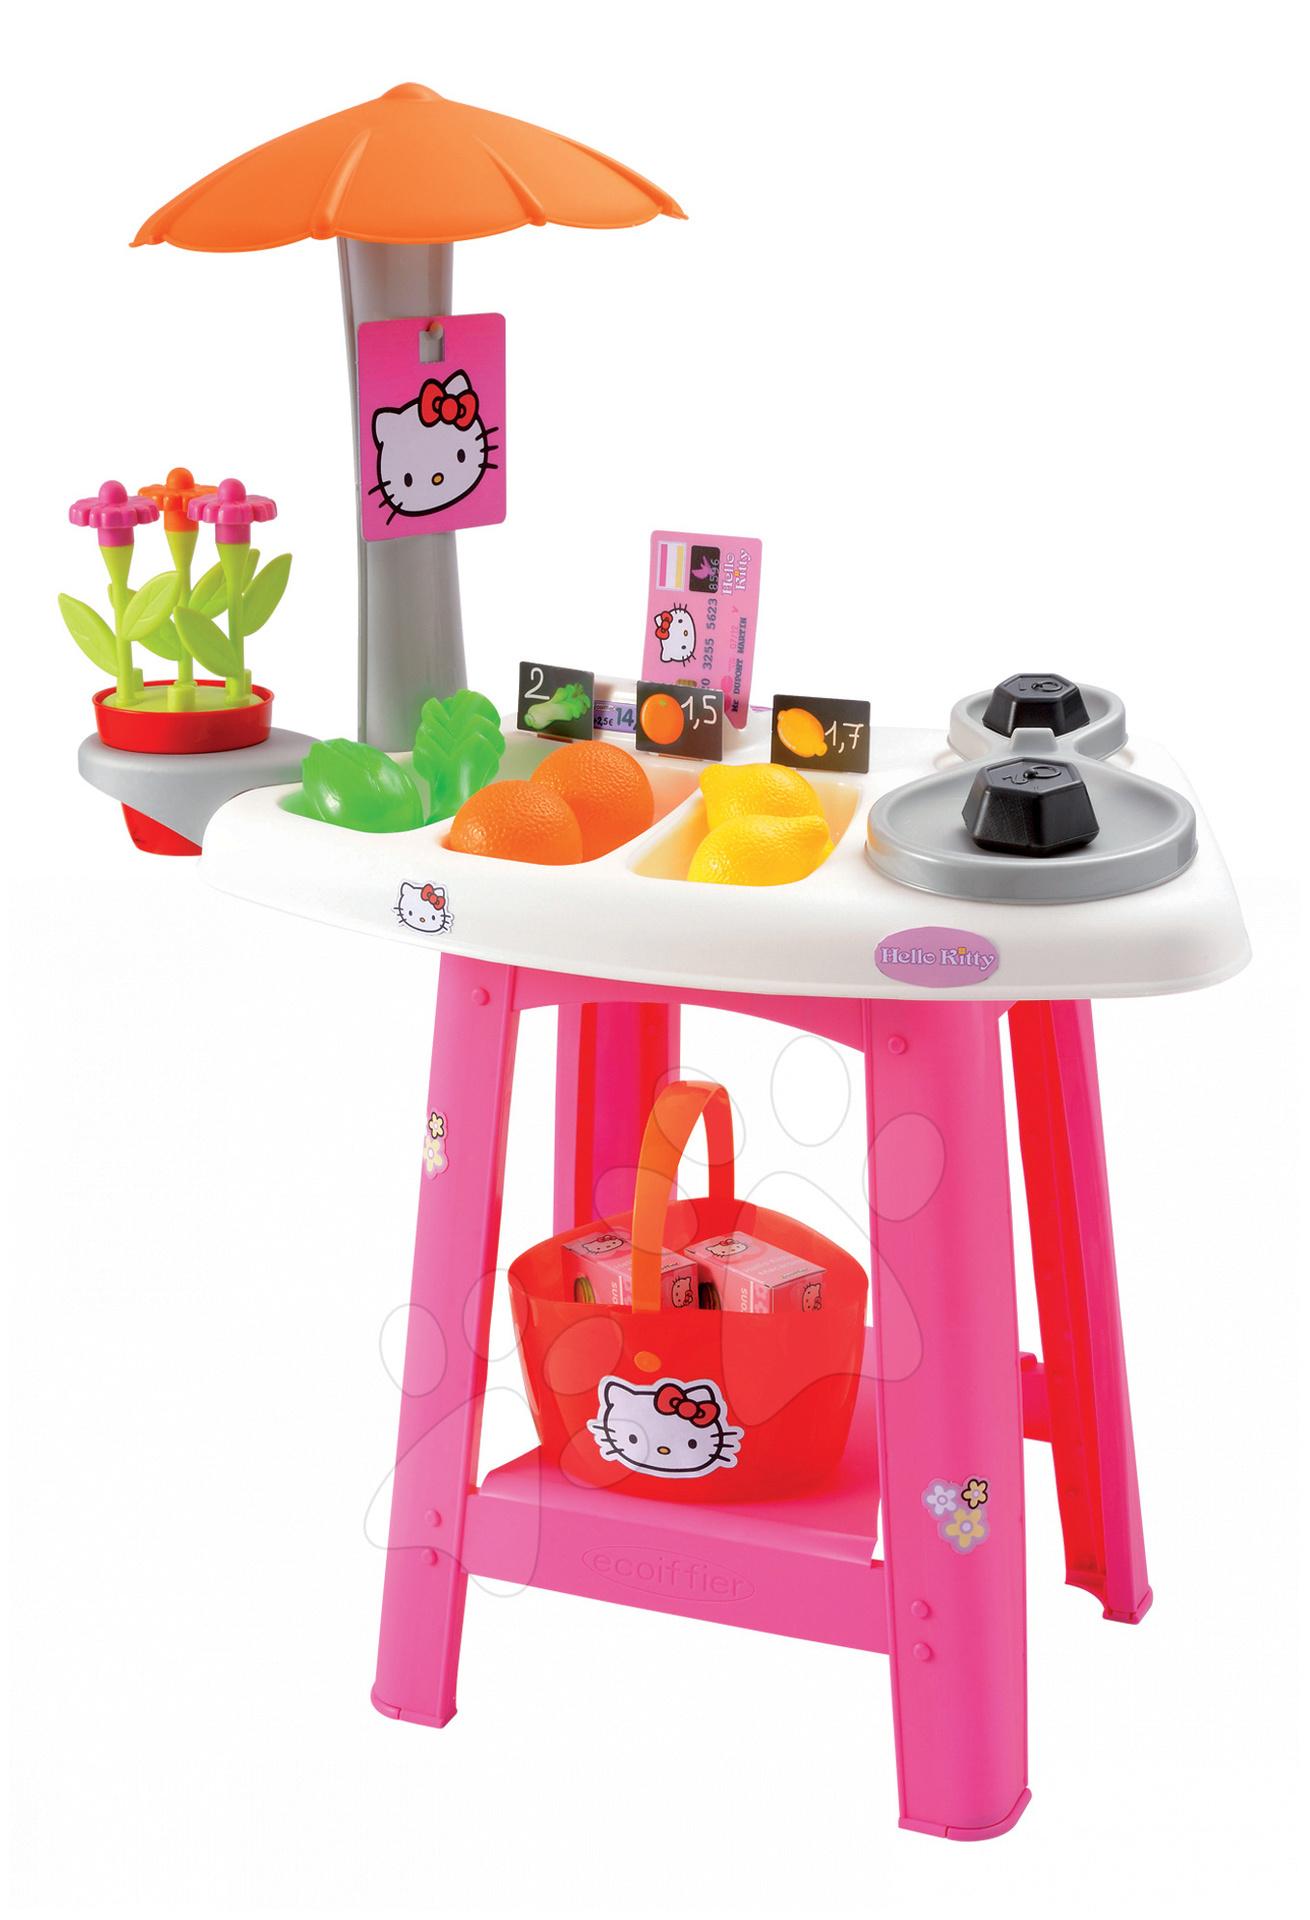 Obchody pro děti - Obchod Hello Kitty Écoiffier s 25 doplňky od 18 měsíců